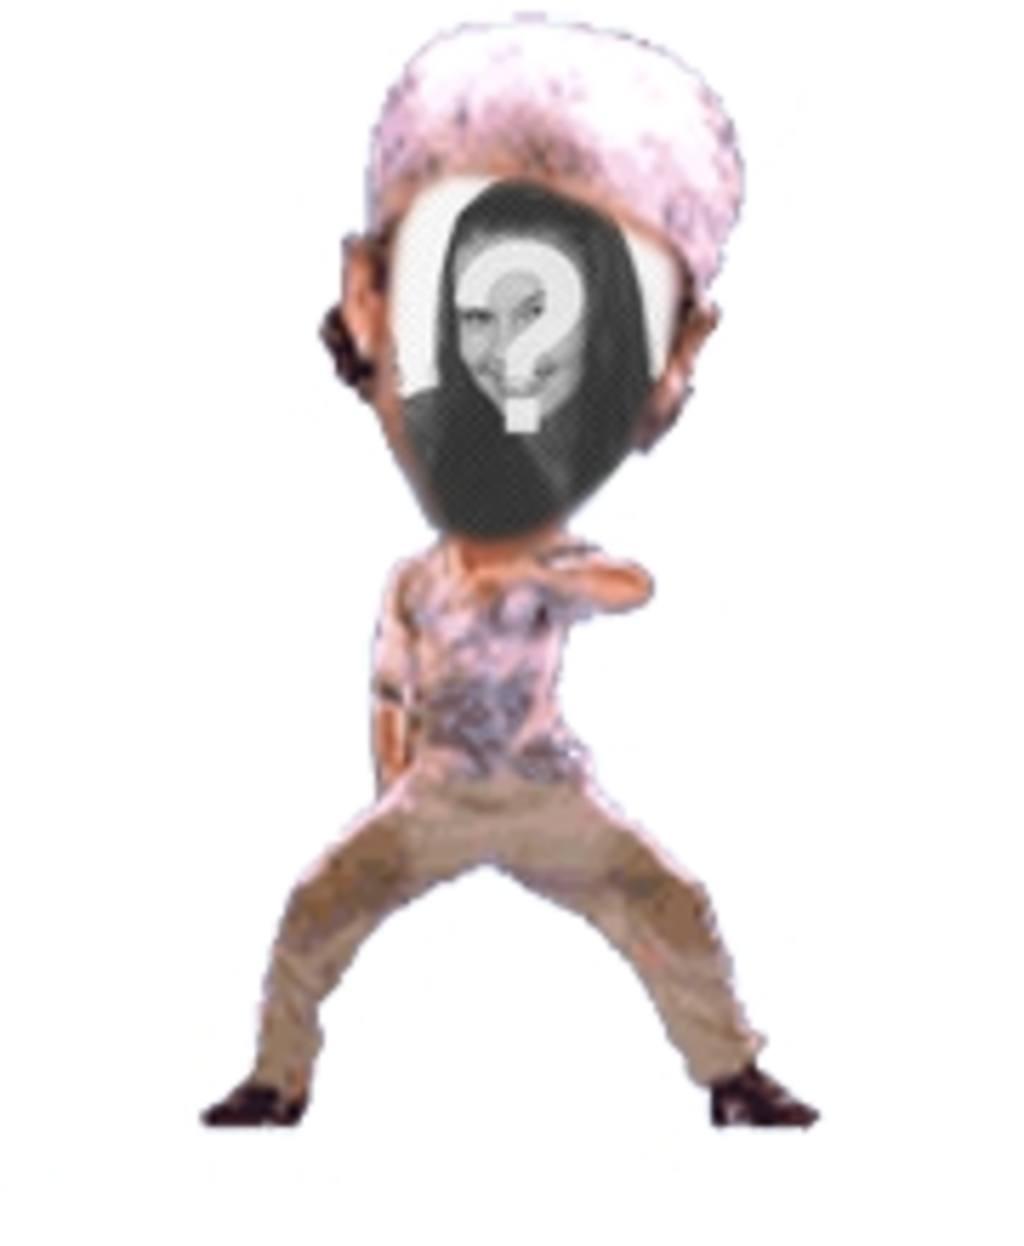 Divertida animación personalizada en la que pondrás tu cara en un fantástico bailarín